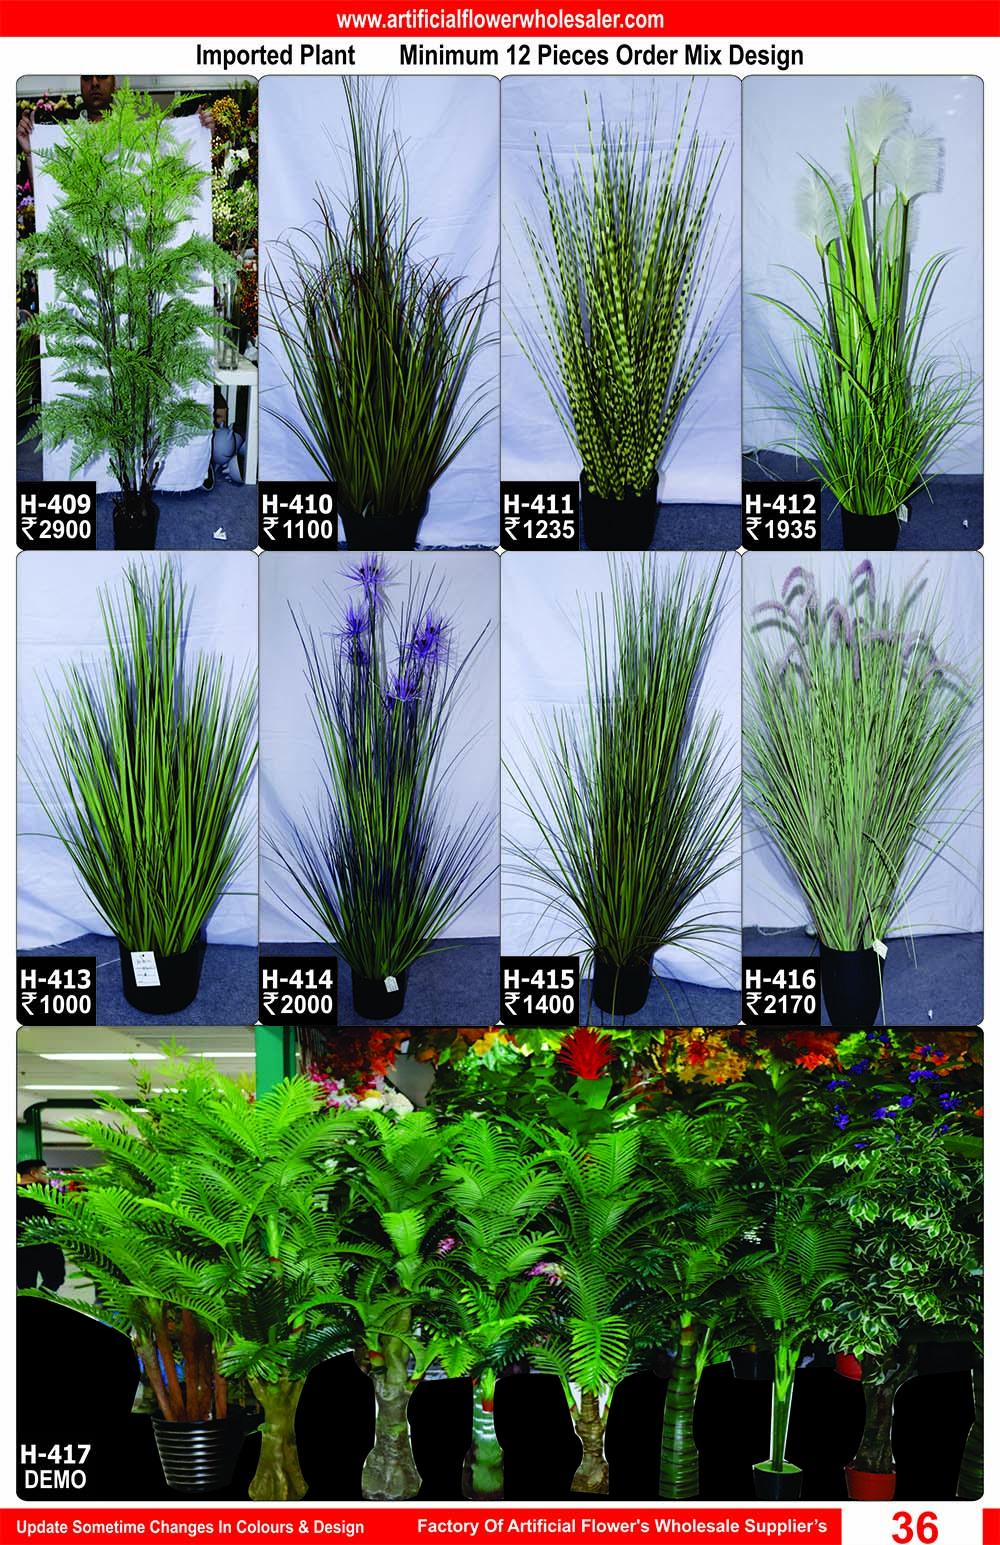 36-artificial-flower-wholesaler